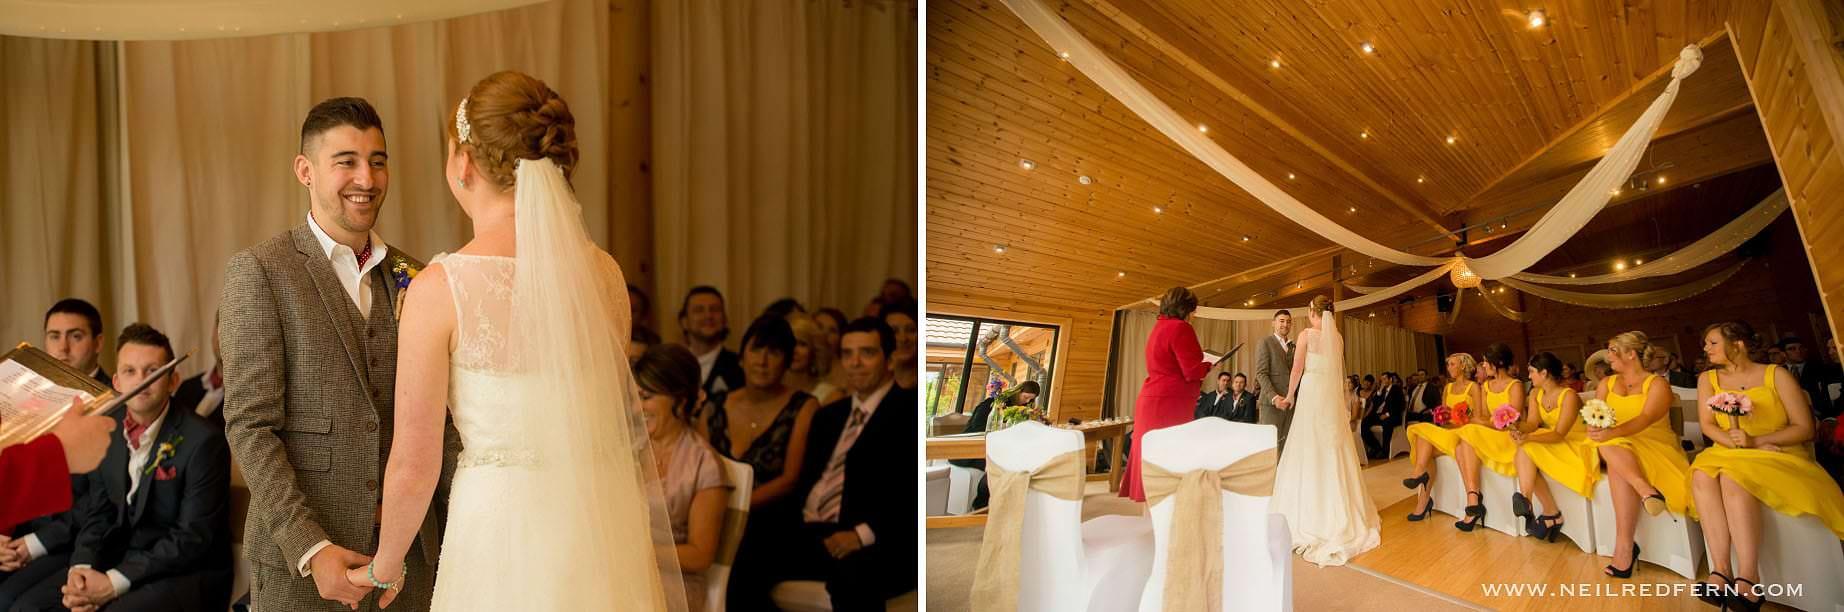 Styal Lodge wedding photographer 12